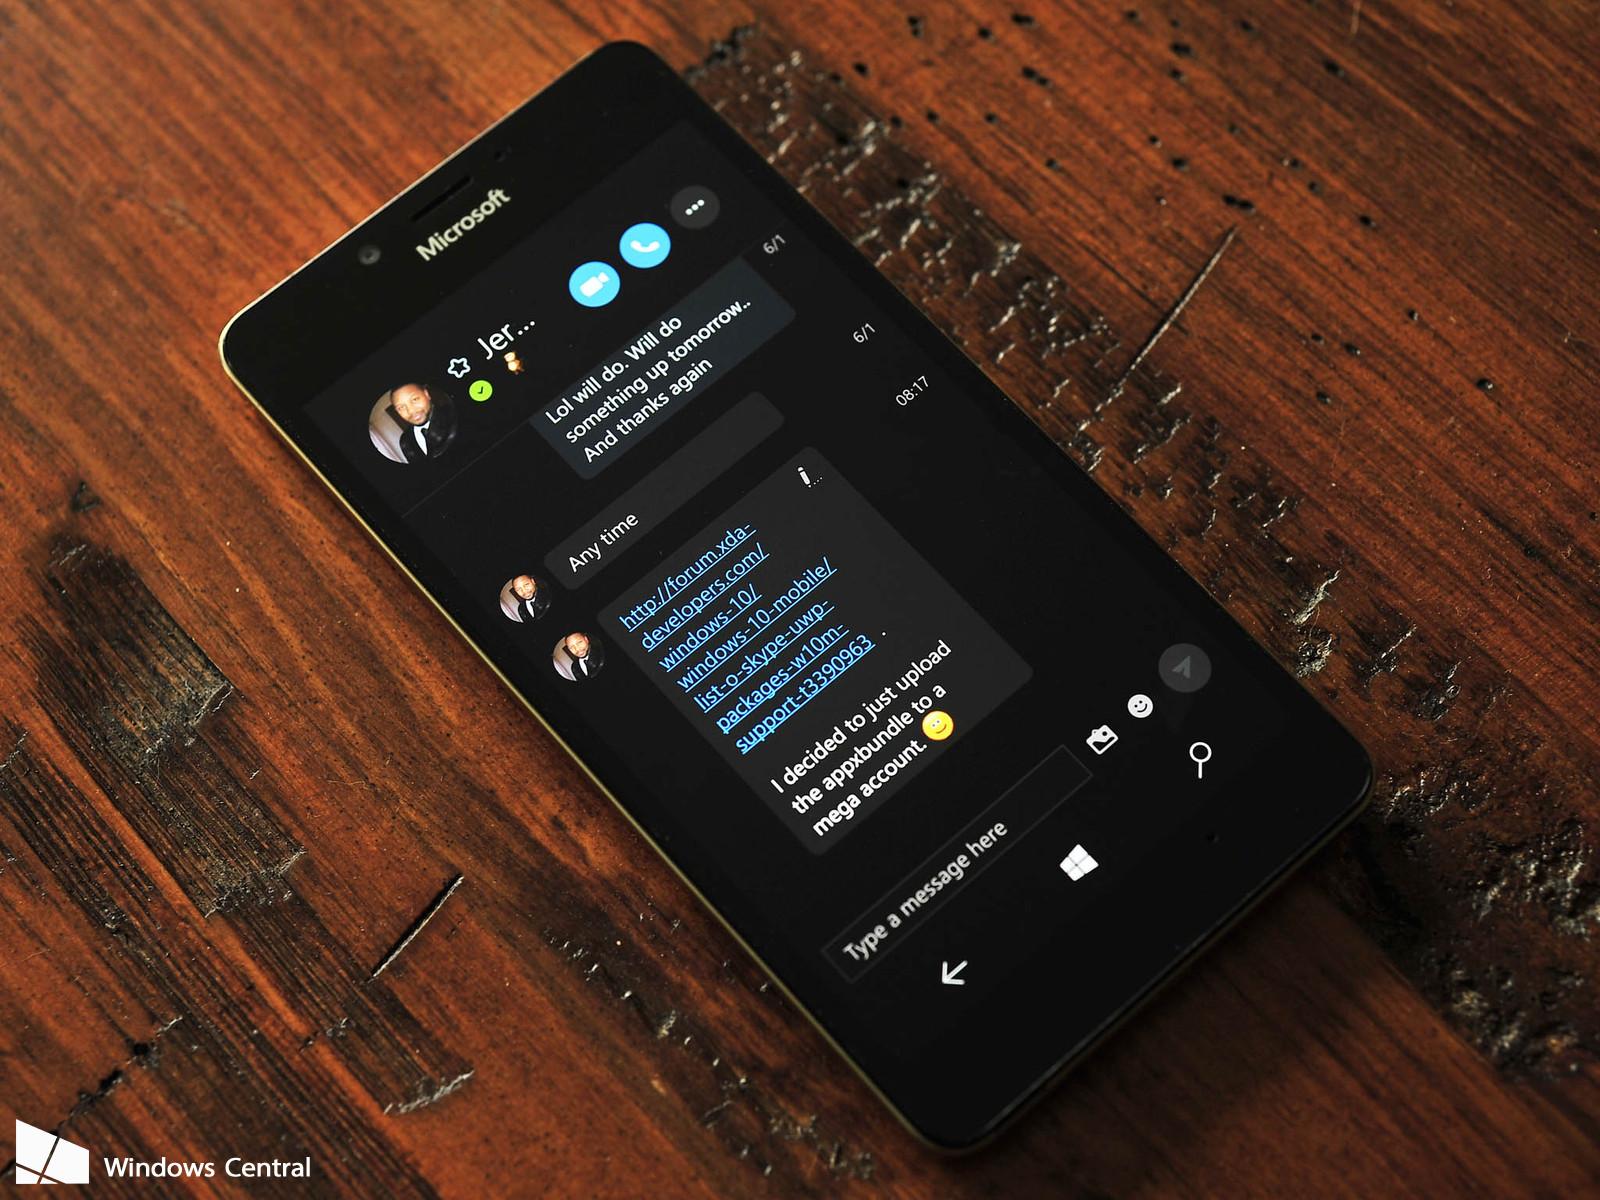 Skype Preview UWP é atualizado para Insiders com novas funcionalidades, veja: